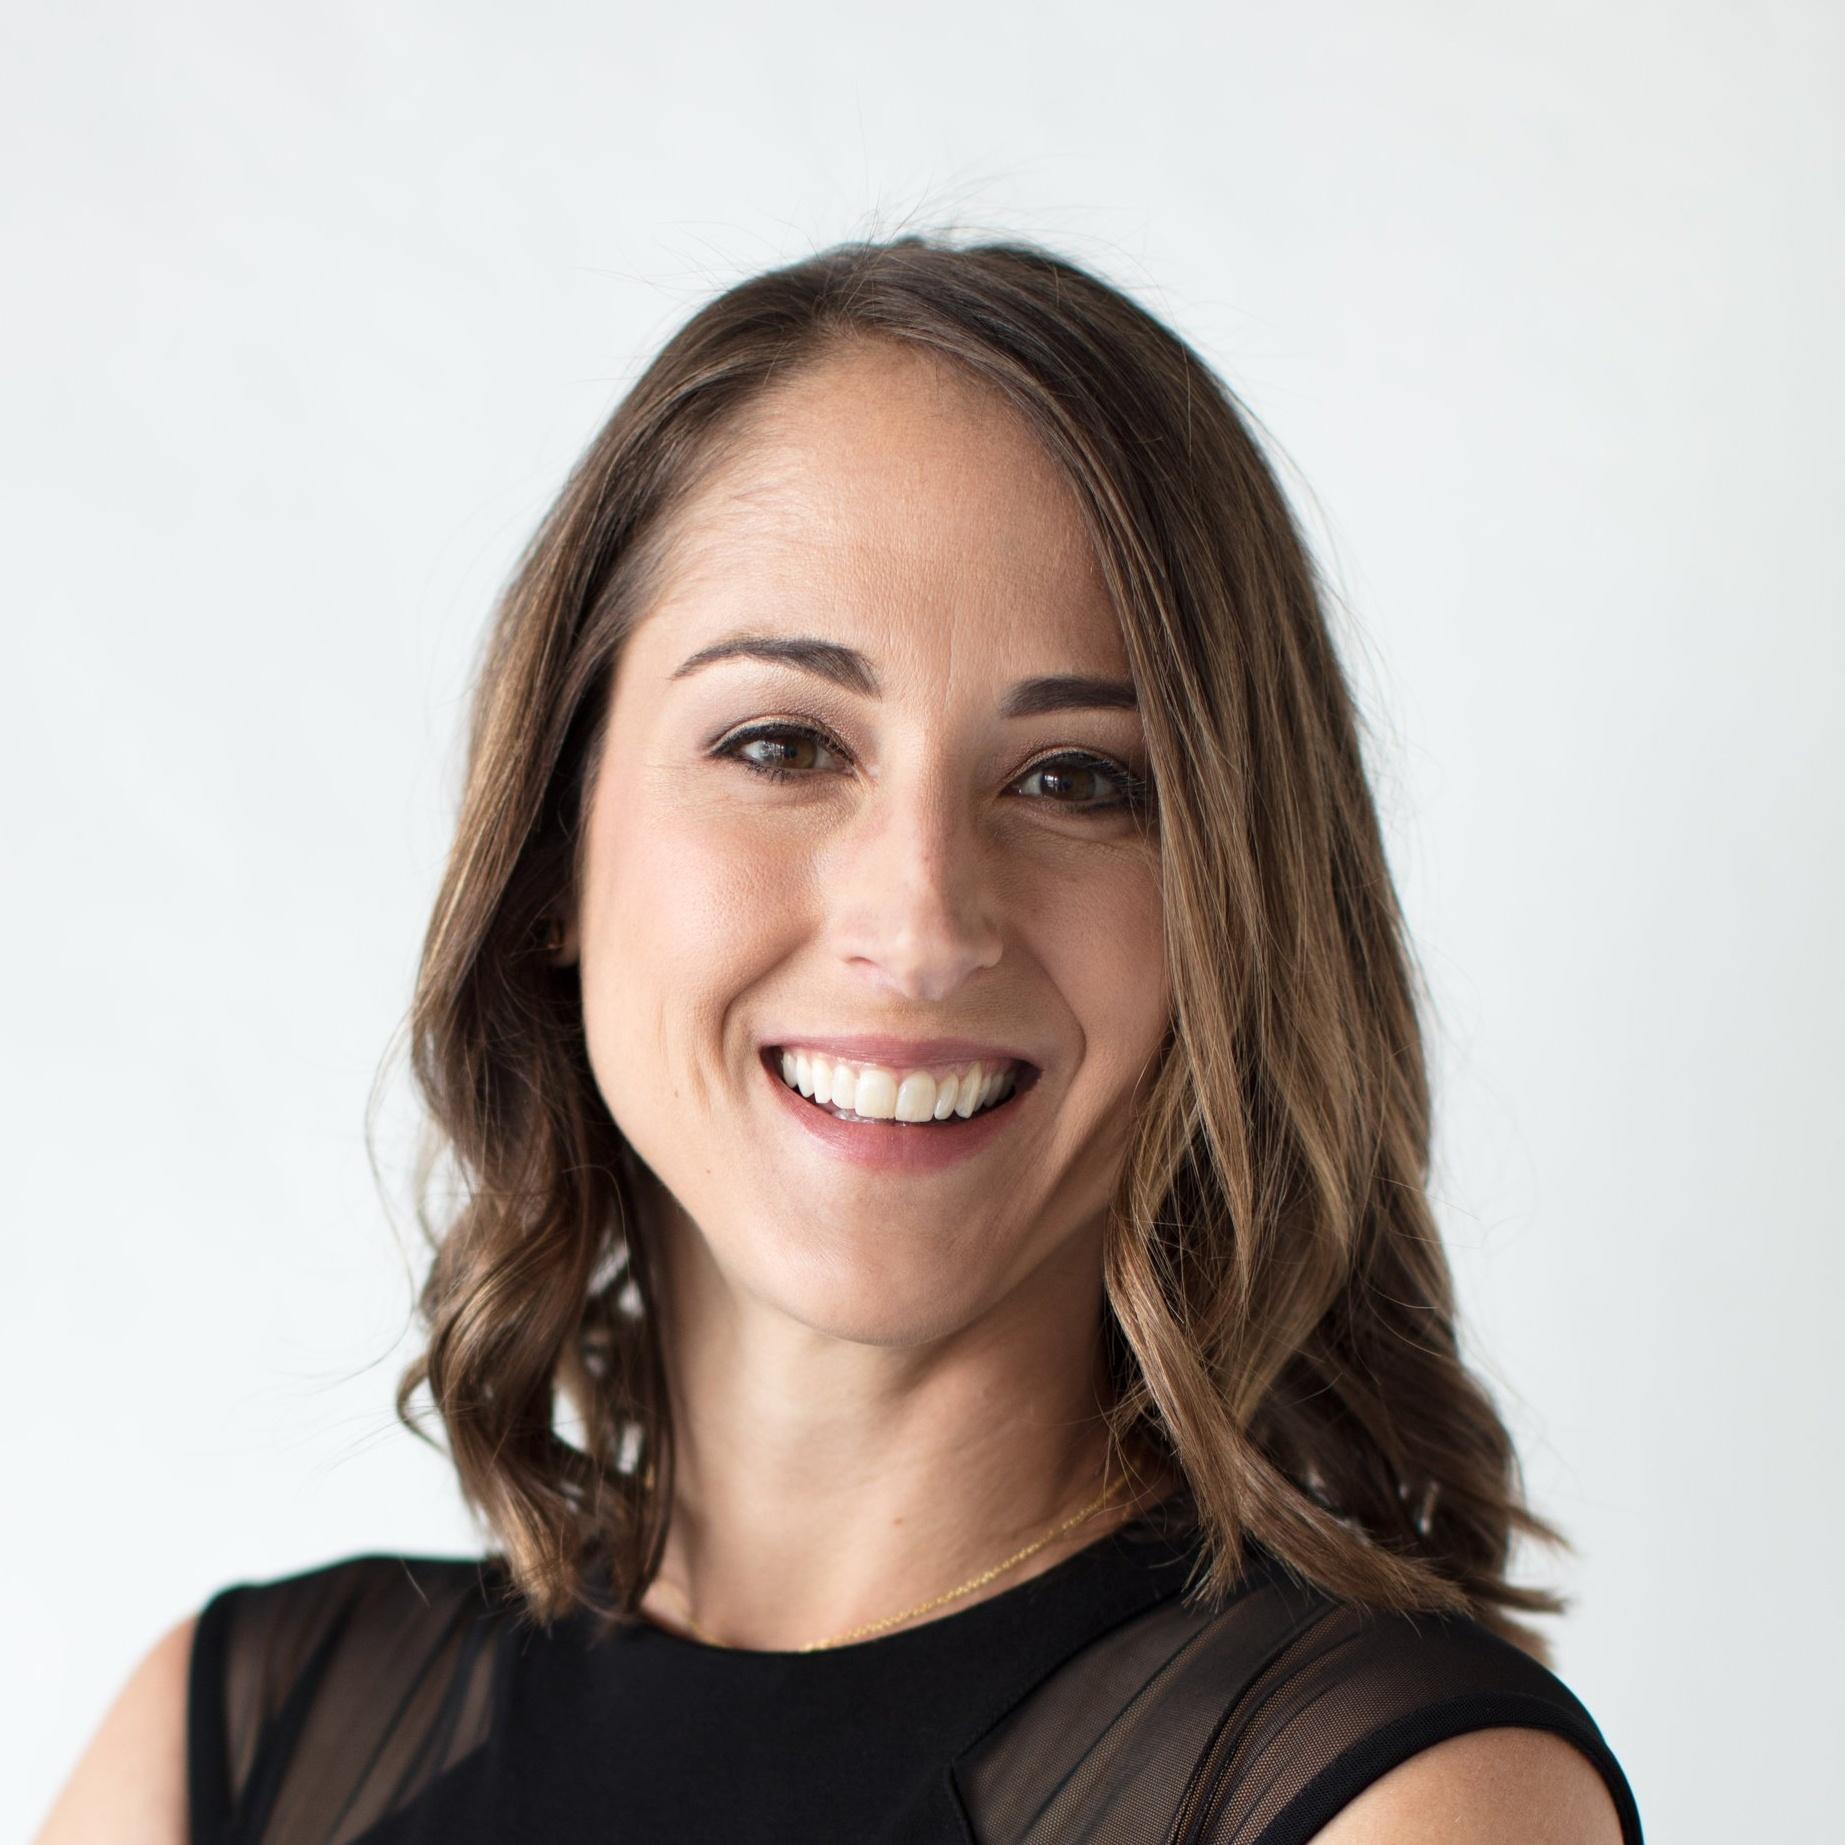 Laura Calandrella